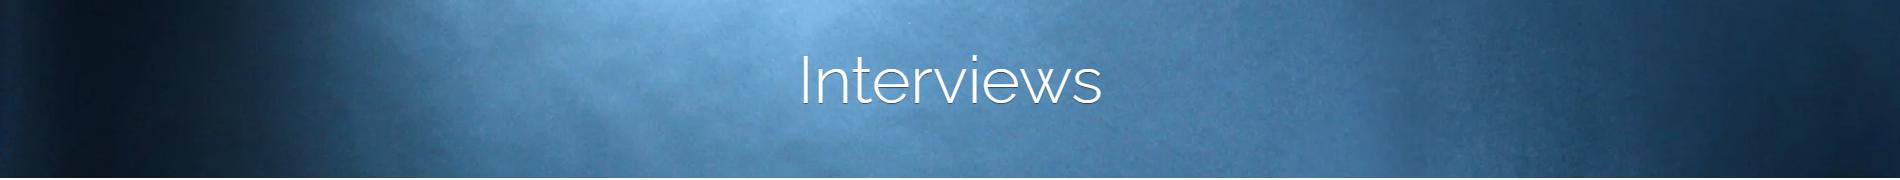 LMDG Interview Header